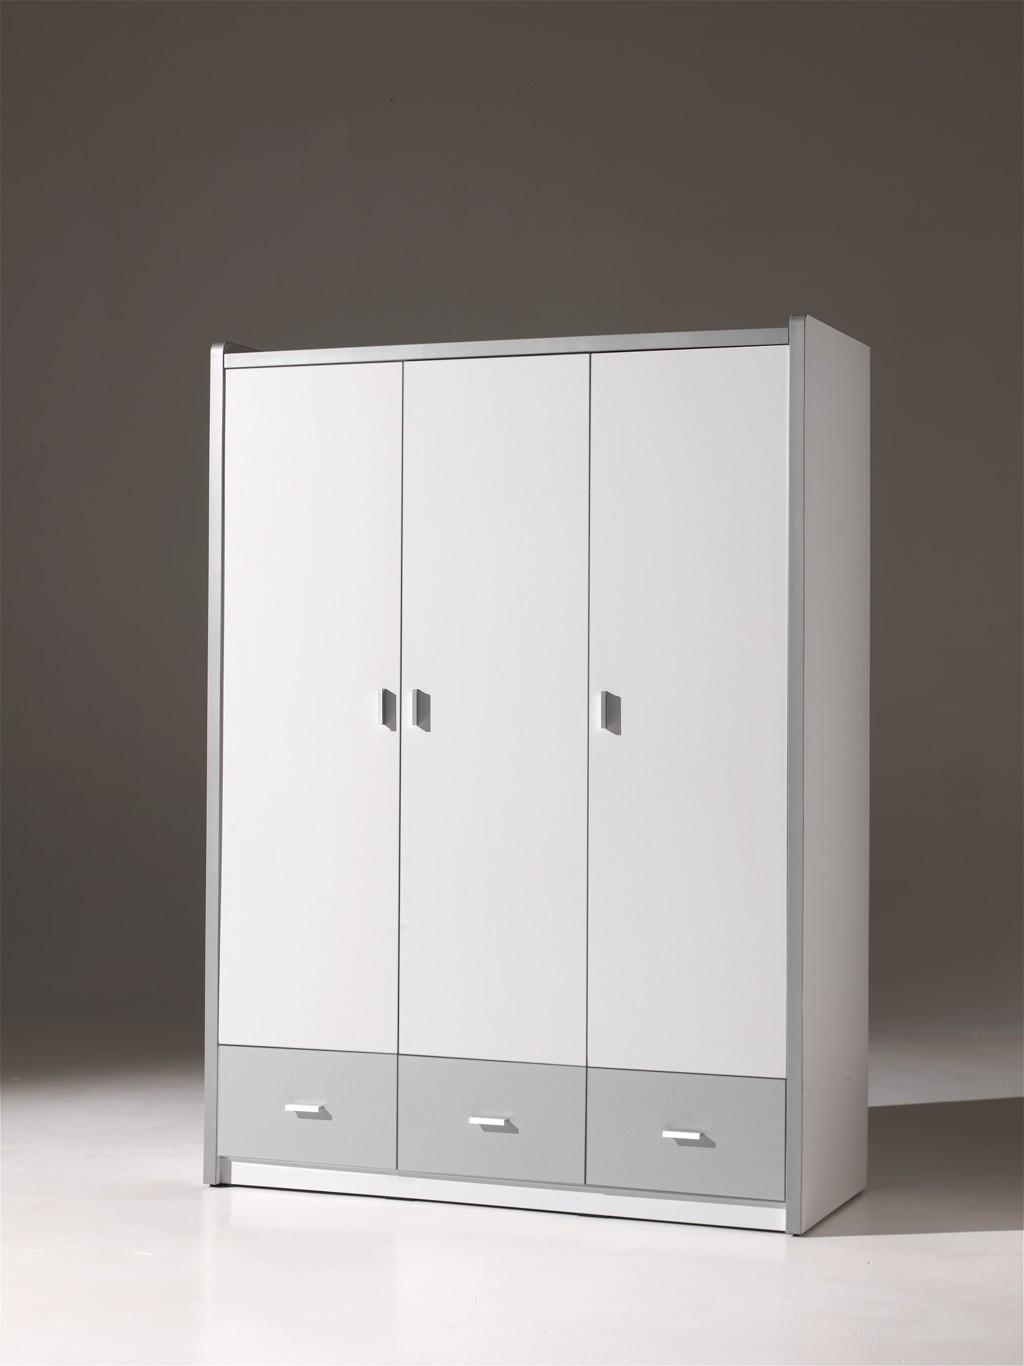 kleiderschrank bonny 3 t rig wei silbergrau kinder jugendzimmer bonny. Black Bedroom Furniture Sets. Home Design Ideas